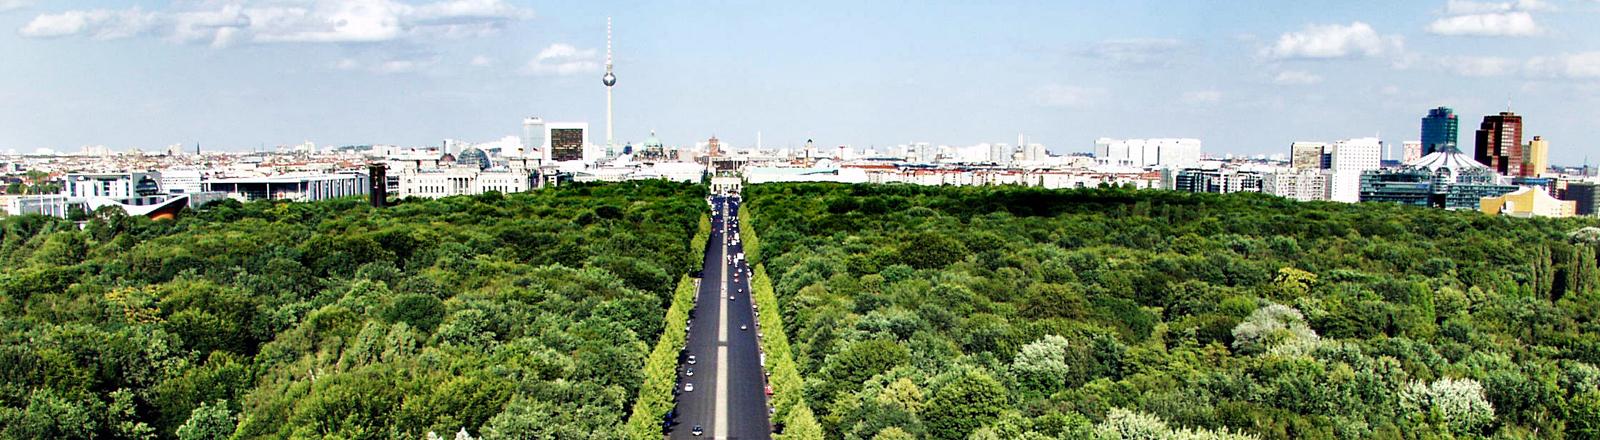 Eine Straße im Grünen führt Richtung Berlin.